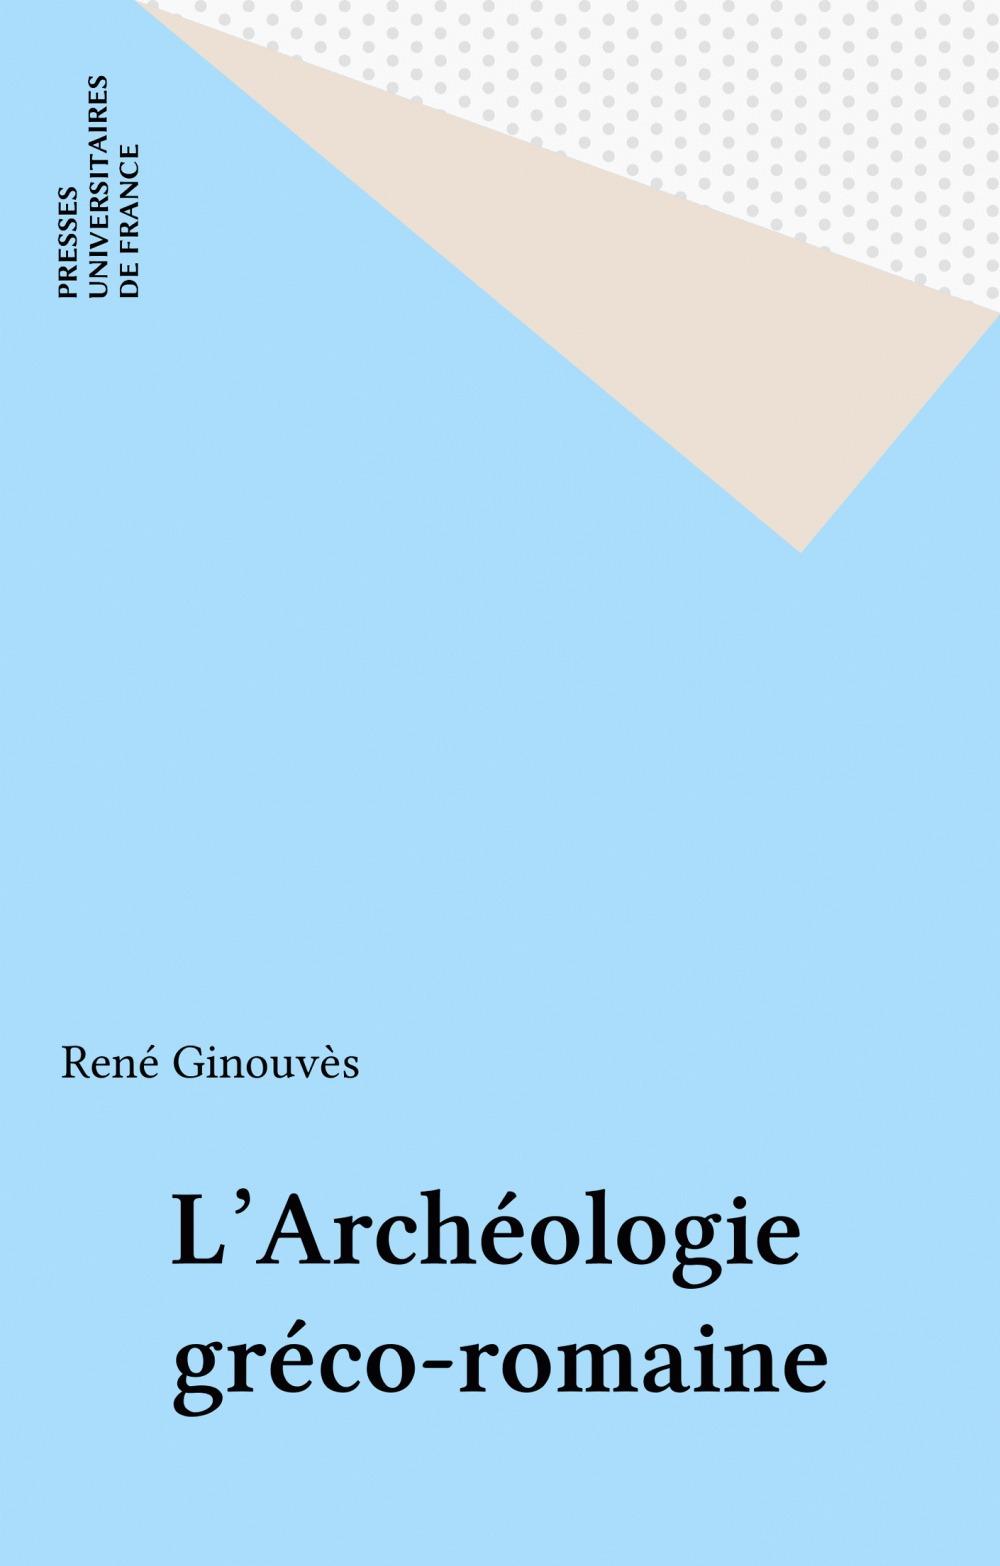 L'Archéologie gréco-romaine  - Rene Ginouves